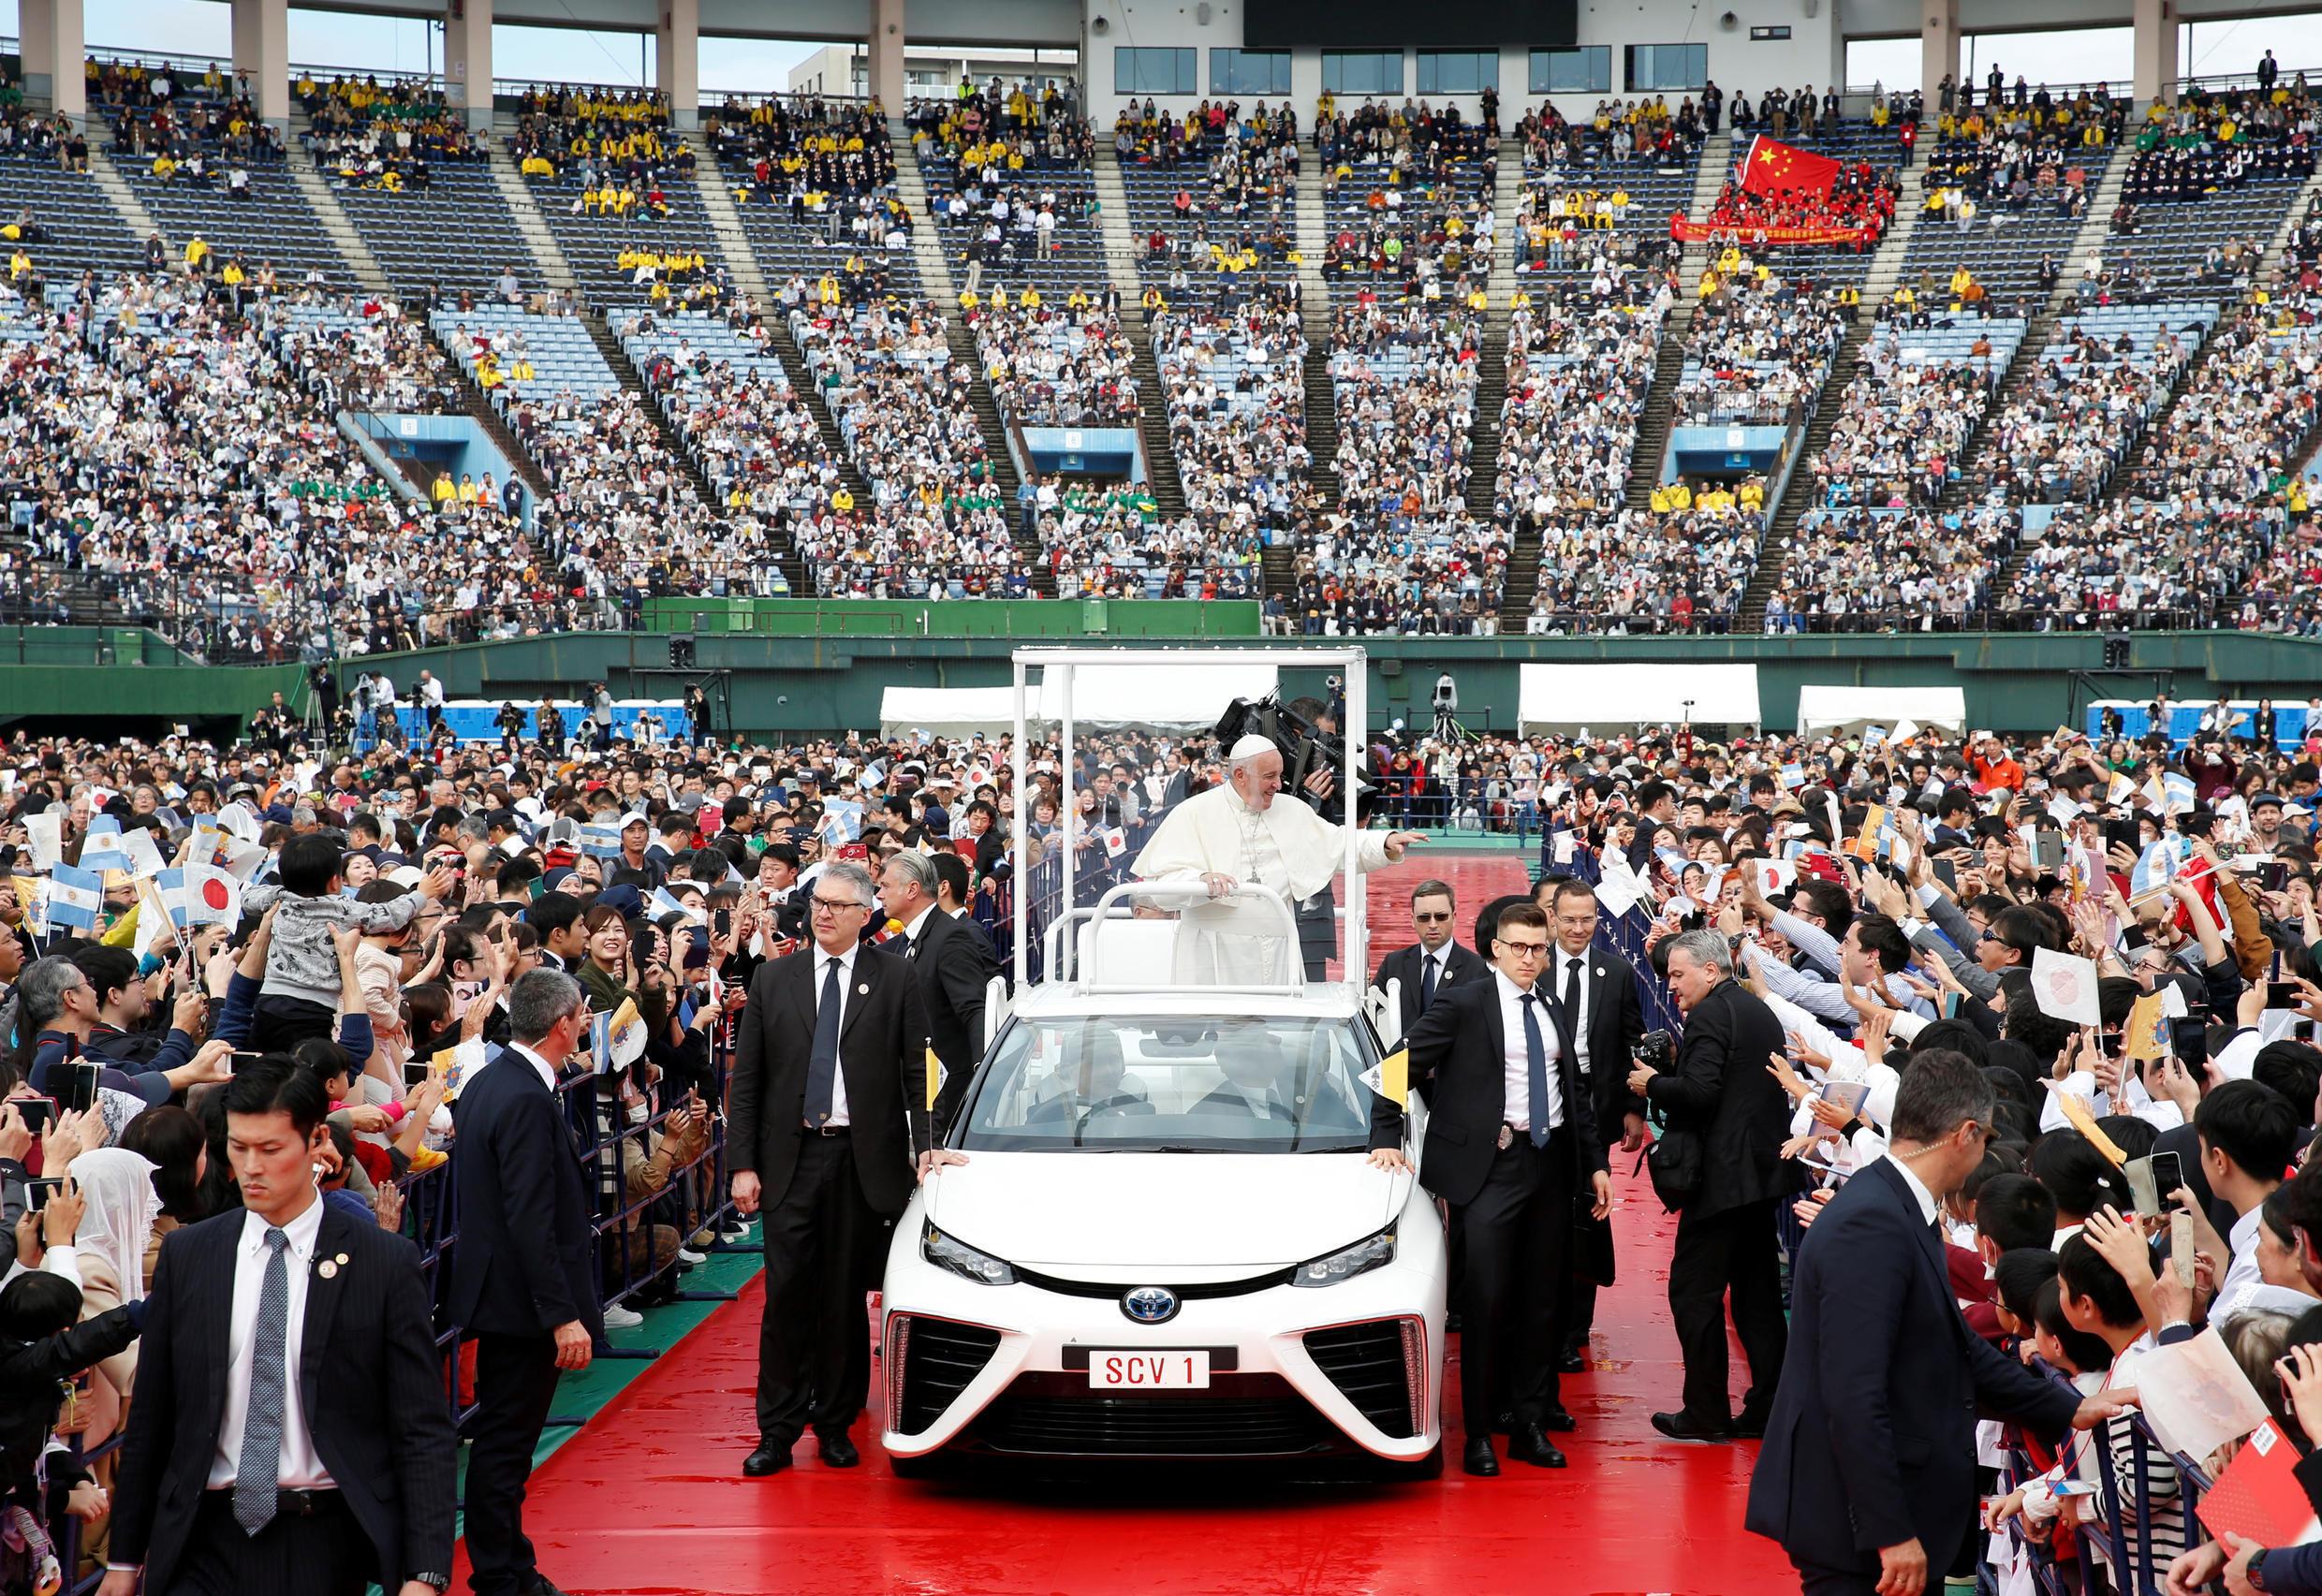 El Papa Francisco saluda a los asistentes de una misa realizada en el estadio de béisbol de Nagasaki, Japón, el 24 de noviembre de 2019.